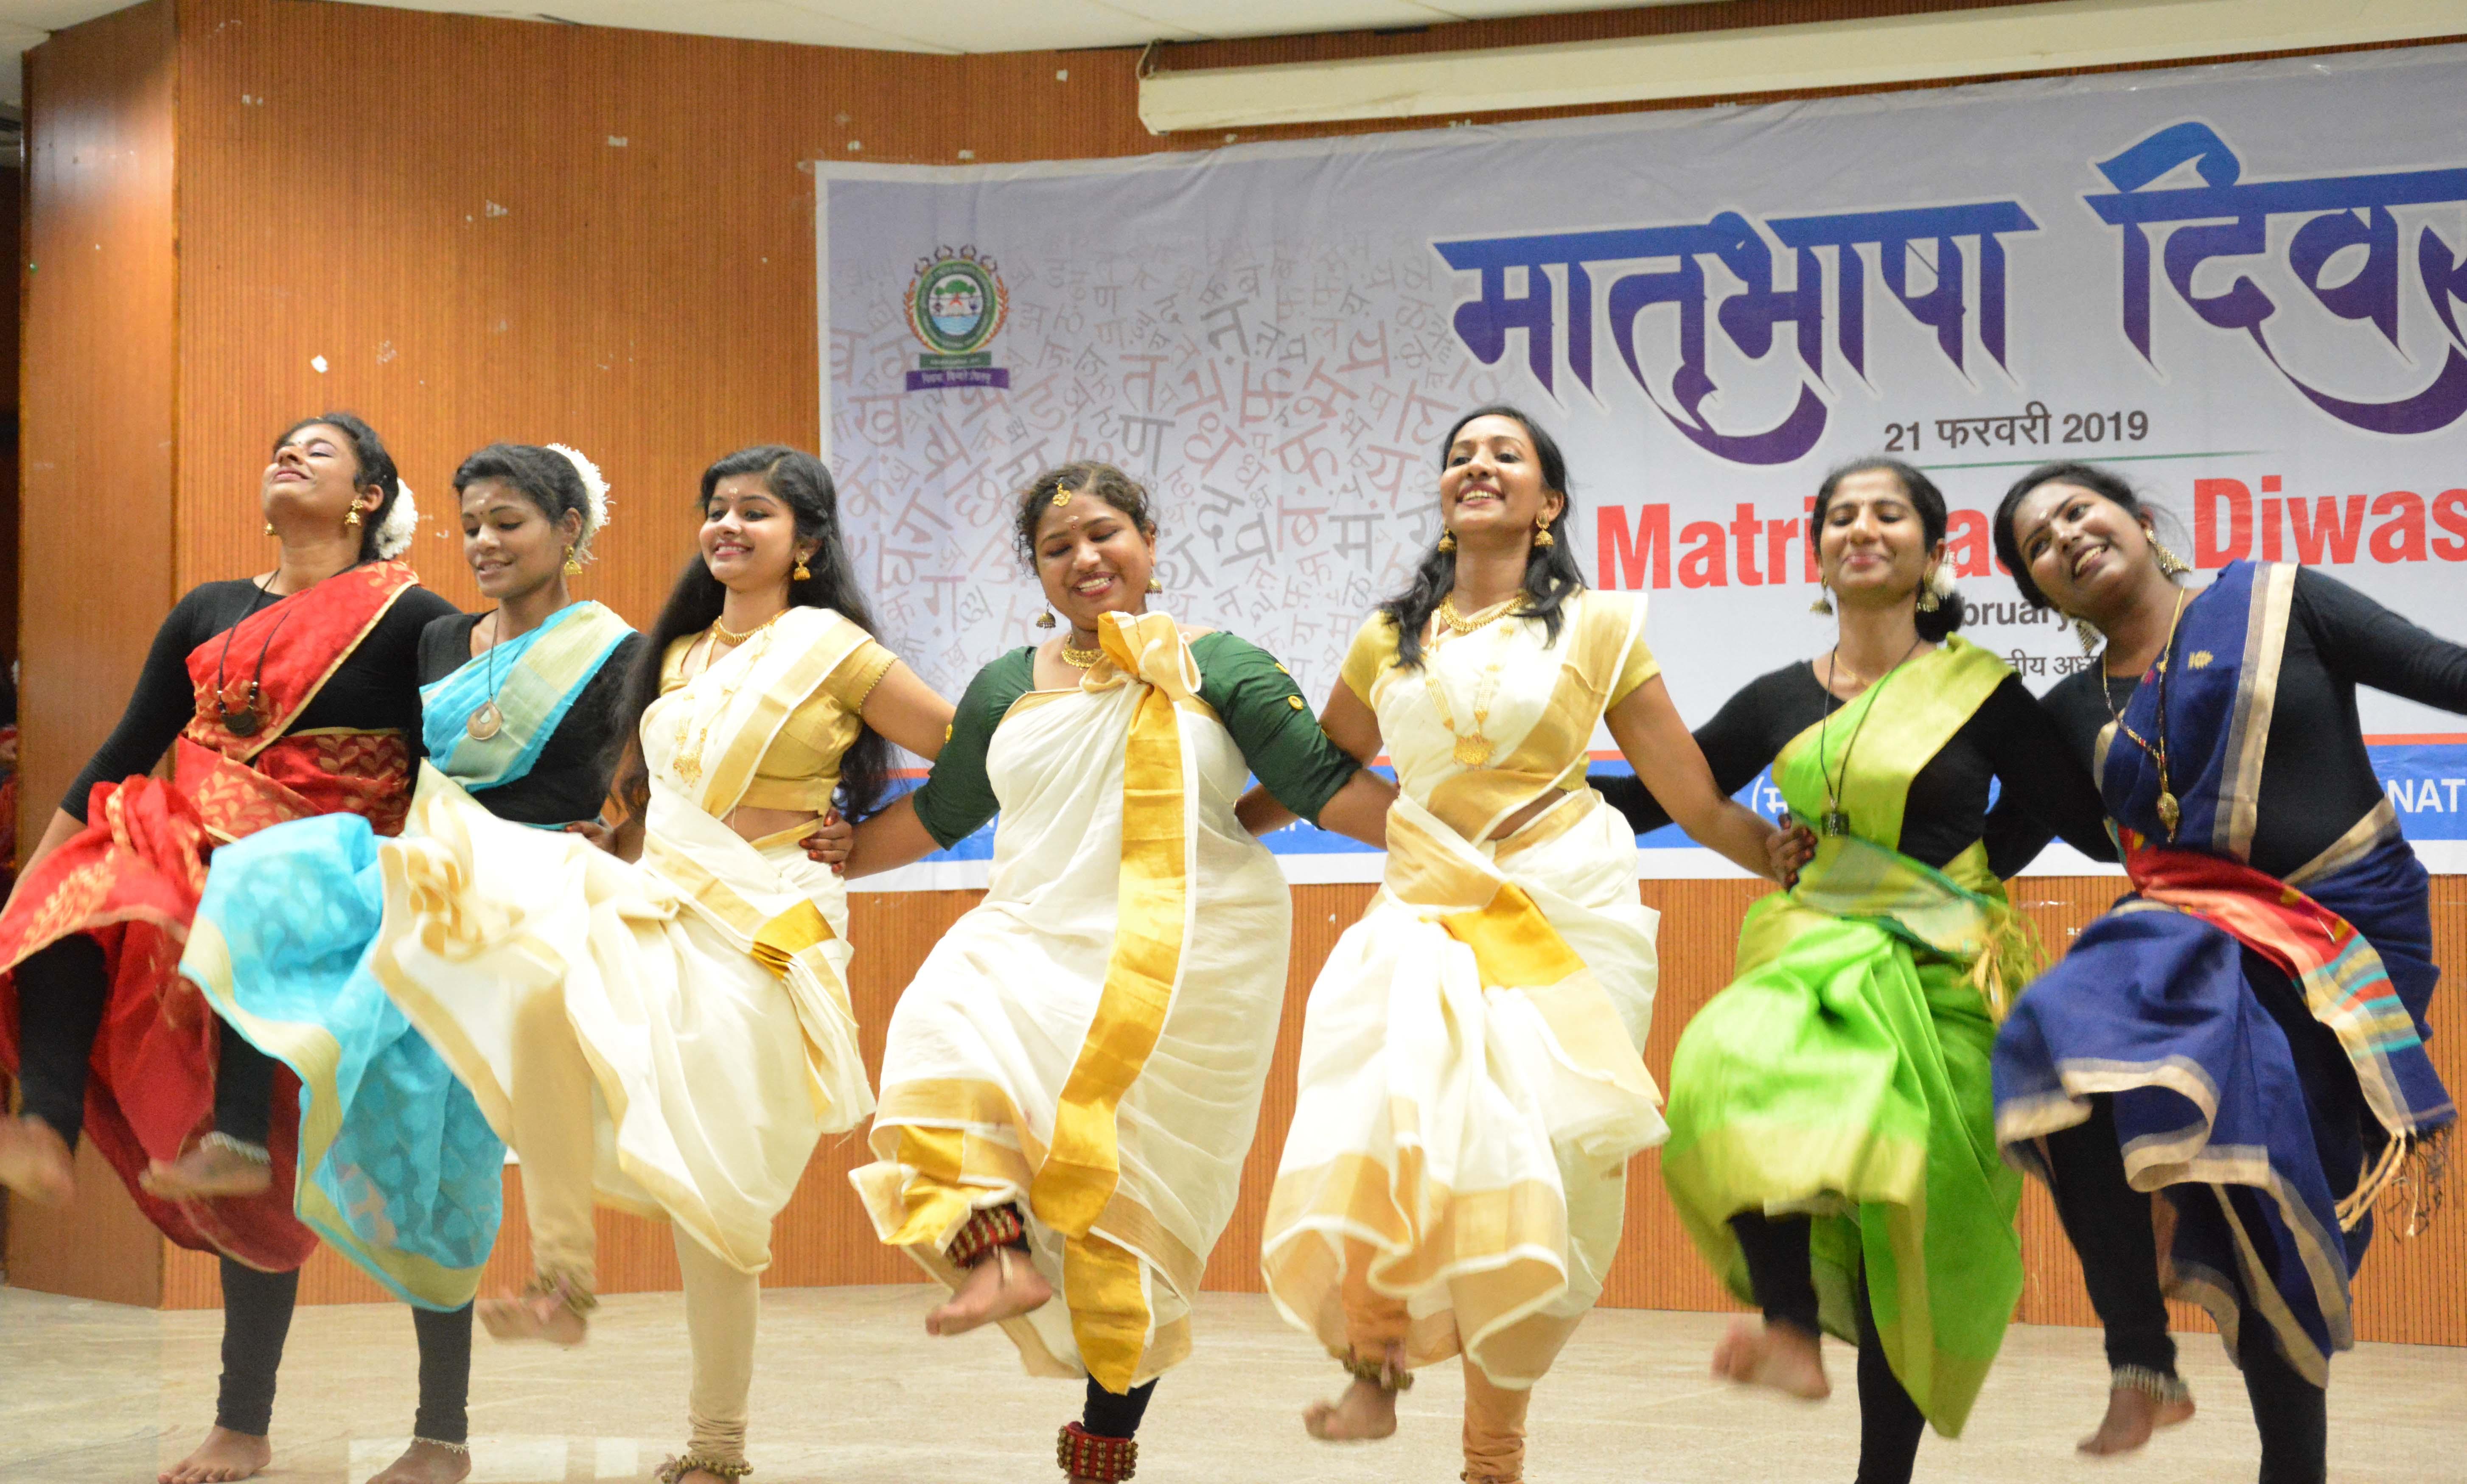 भारतीय मातृभाषाओं को संरक्षण और संवद्र्धन की आवश्यकता, मातृभाषा दिवस पर आईजीएनटीयू में कार्यक्रम आयोजित